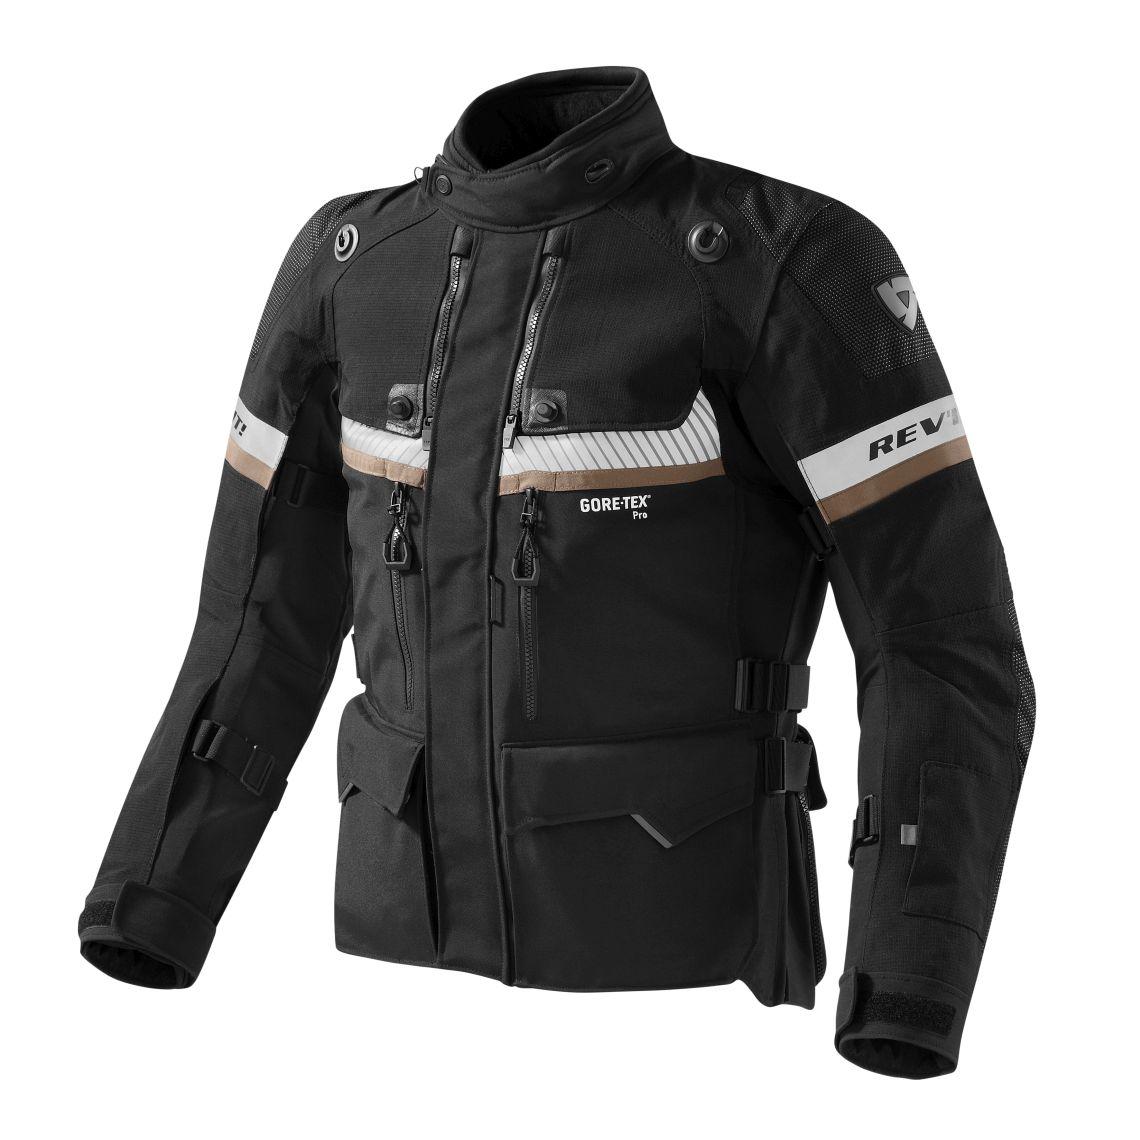 Revit Laminated jacket